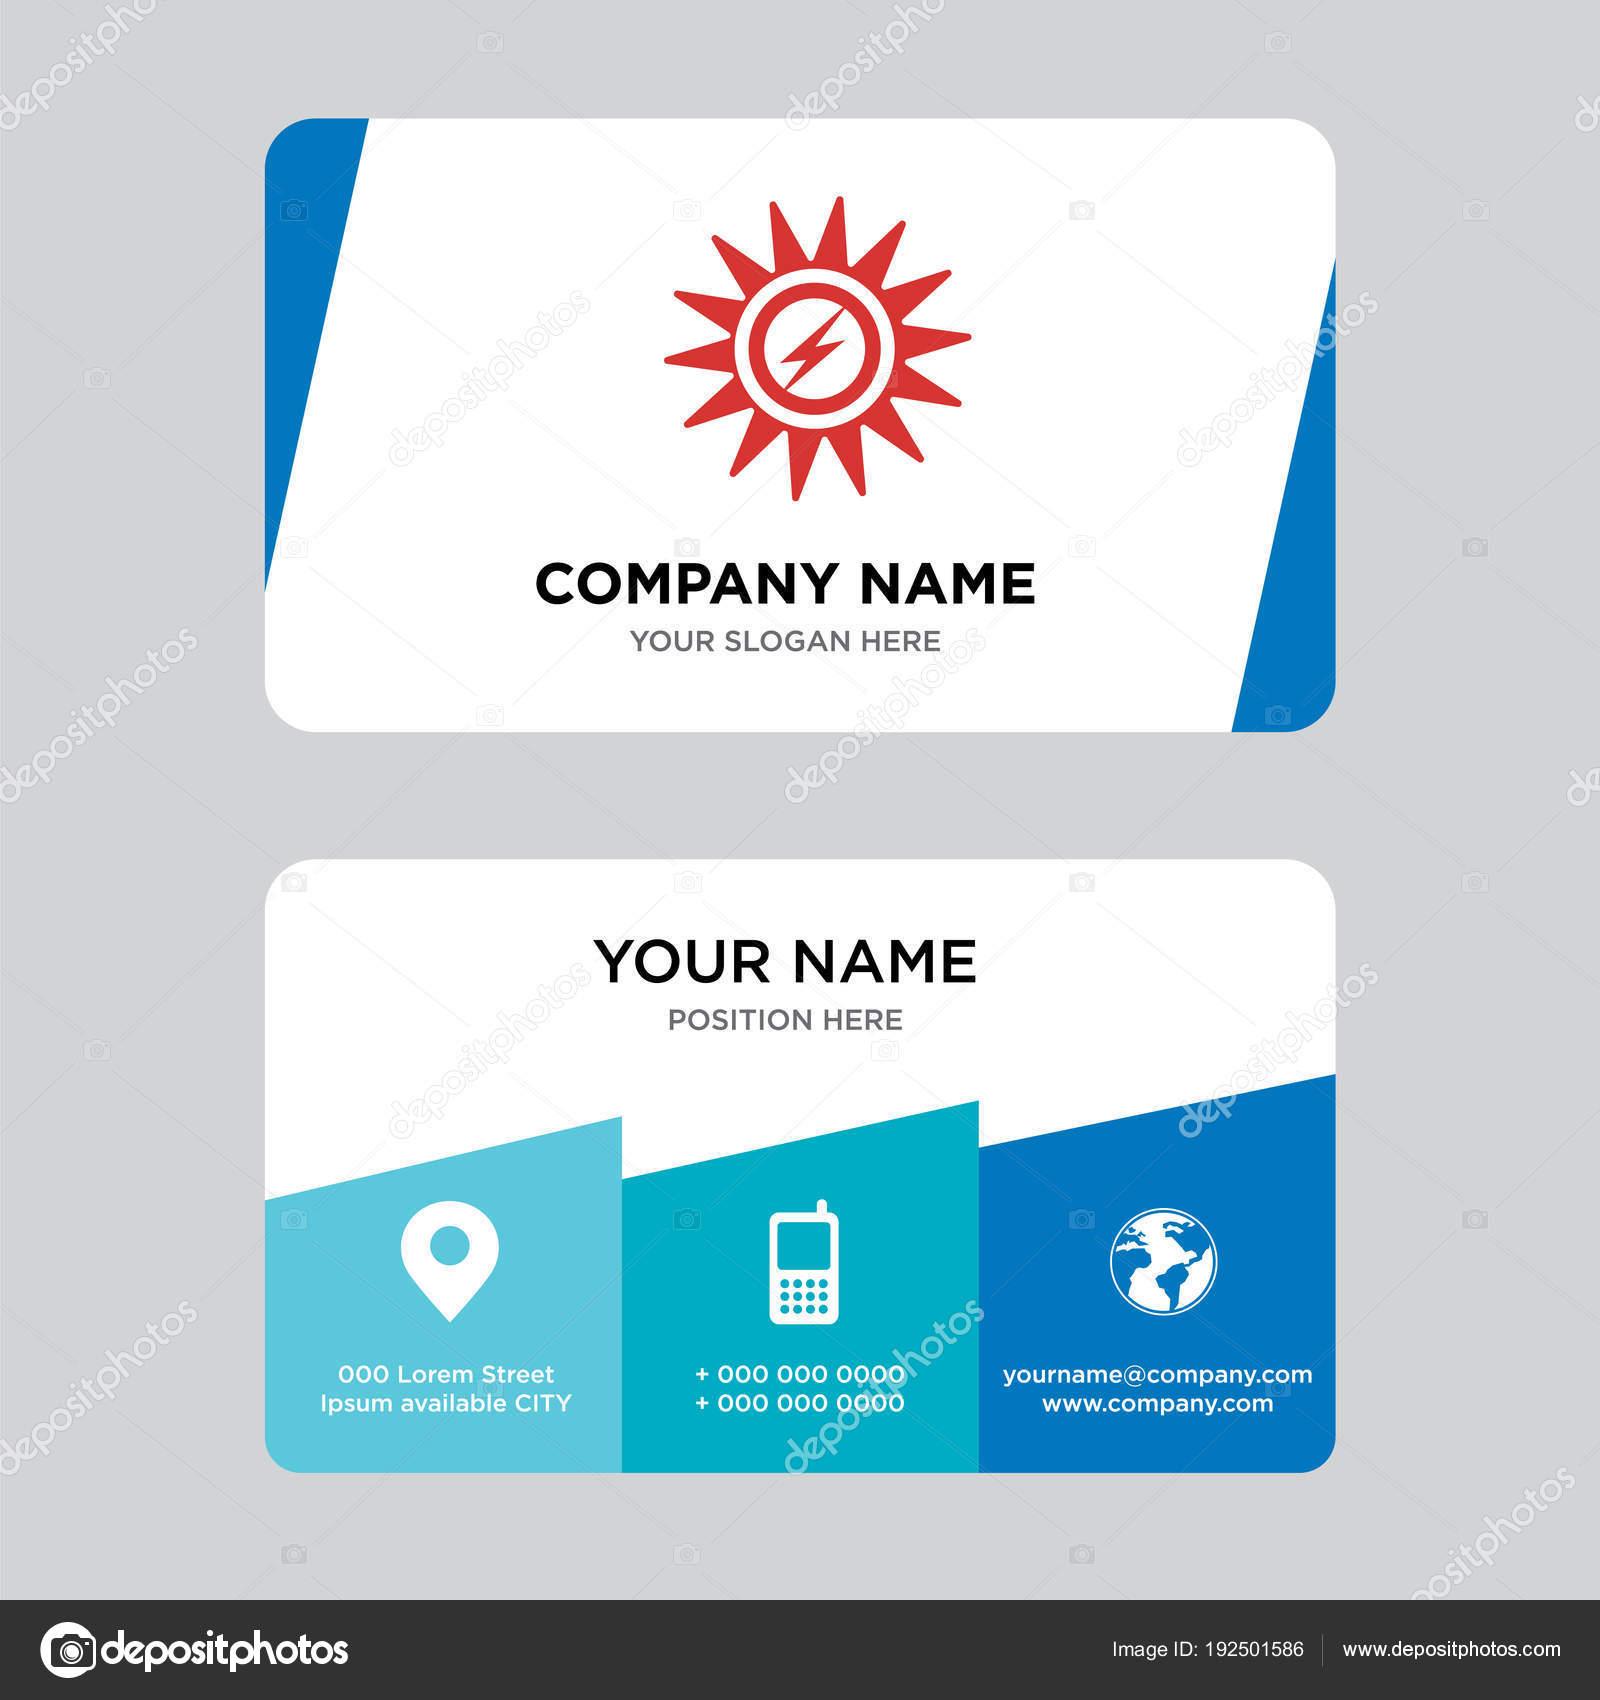 Modele De Conception Carte Visite Denergie Solaire En Pour Votre Entreprise Moderne Creative Et Identite Propre